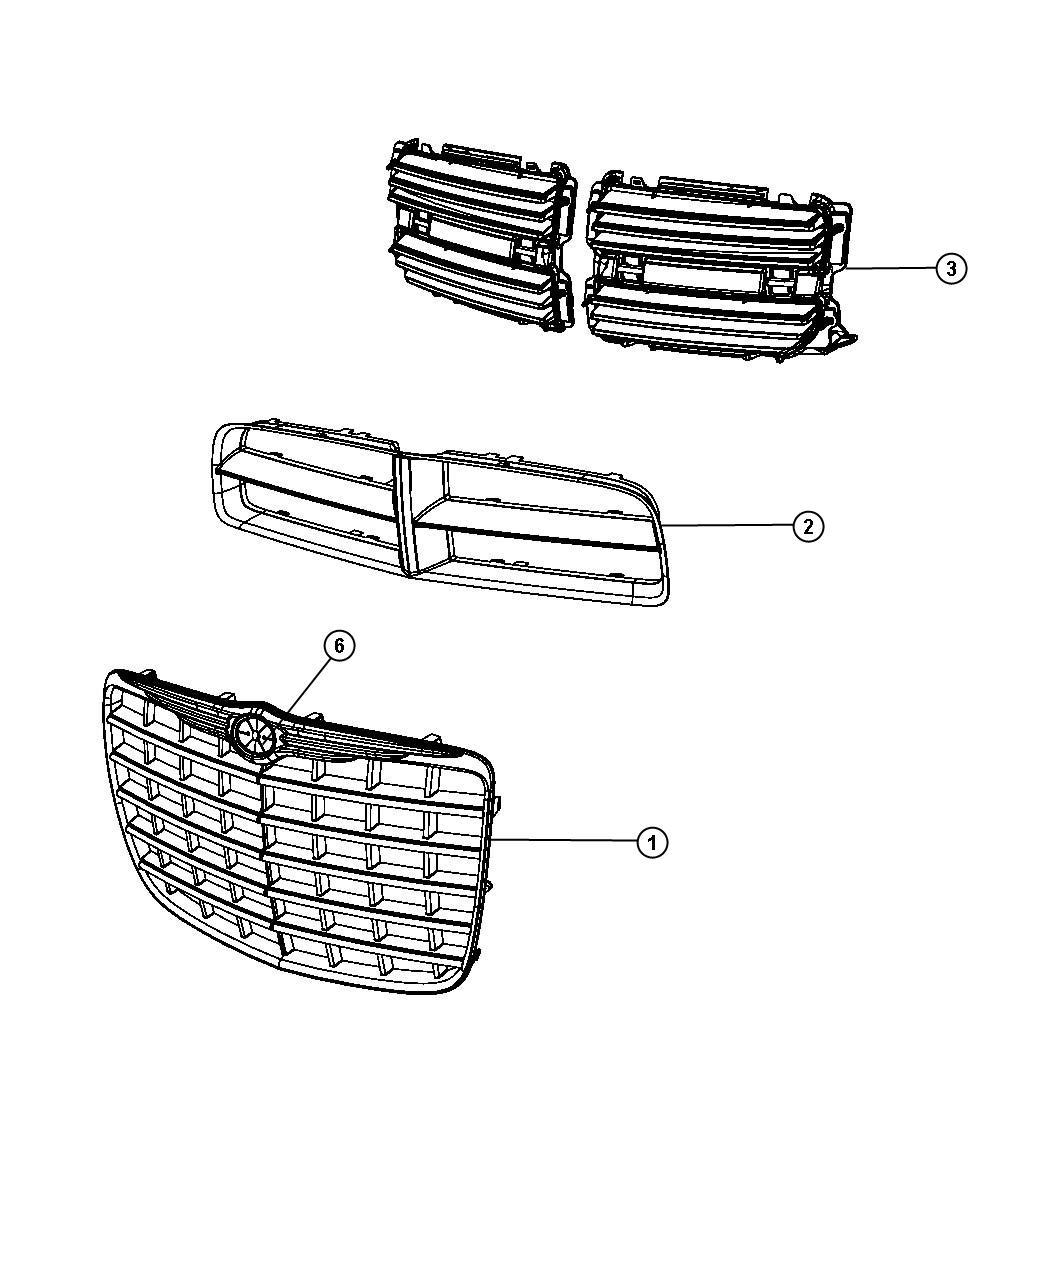 2008 Dodge Magnum Grille. Radiator. Group, lamps, fog